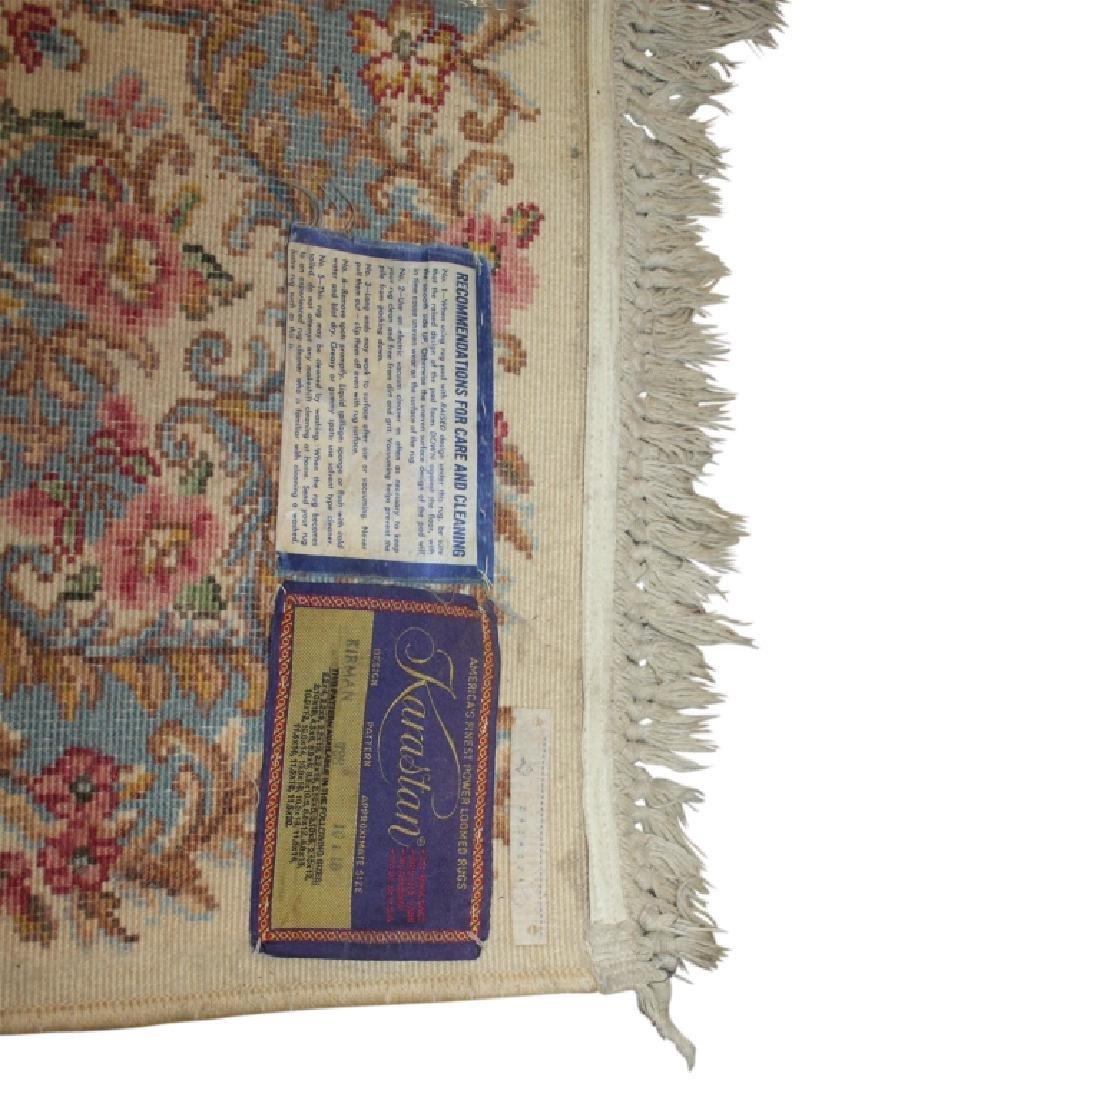 Karastan 10 x 13.5 Carpet - 2